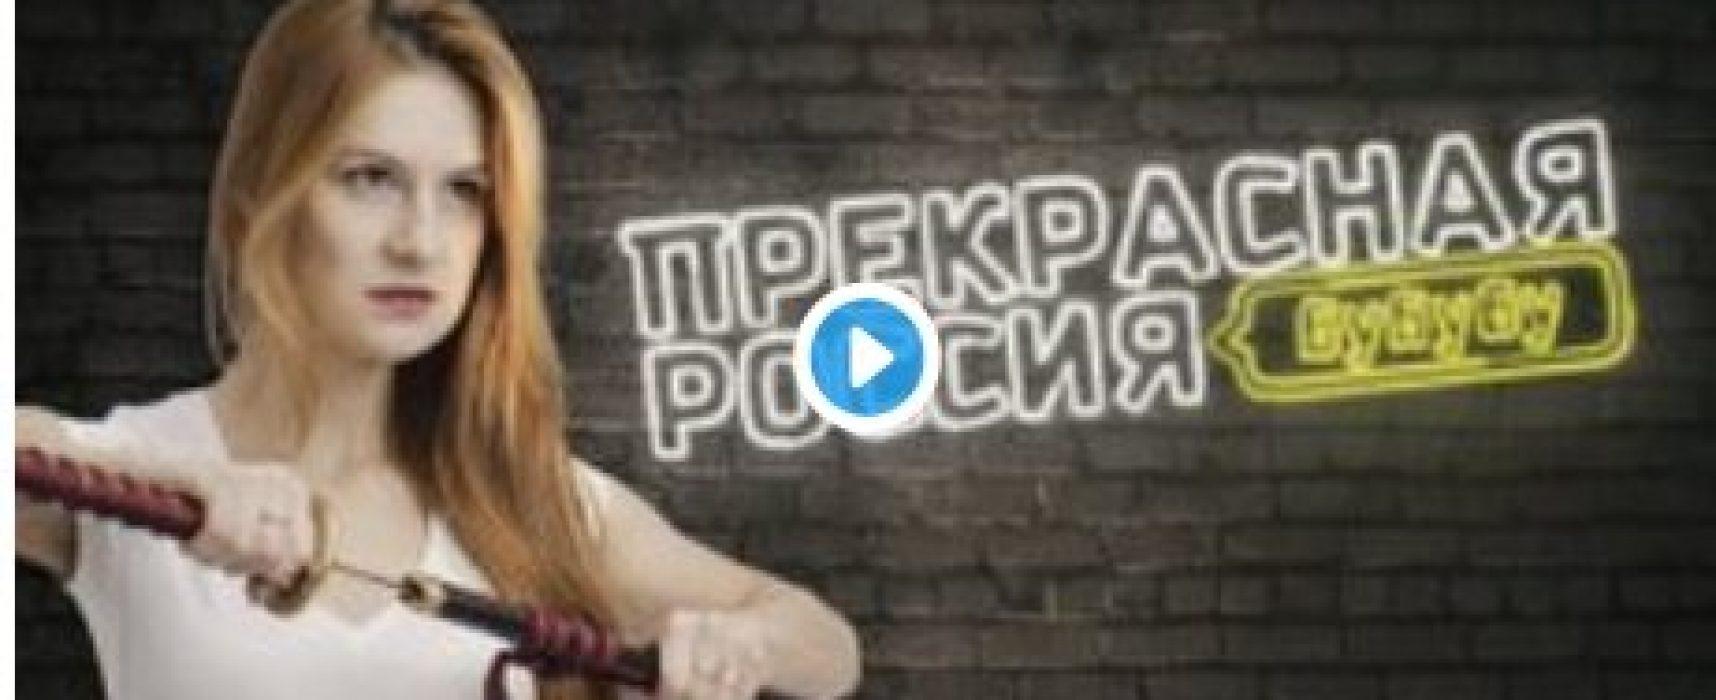 Ruska odsouzená ve Spojených státech za špionáž se stane moderátorkou Russia Today